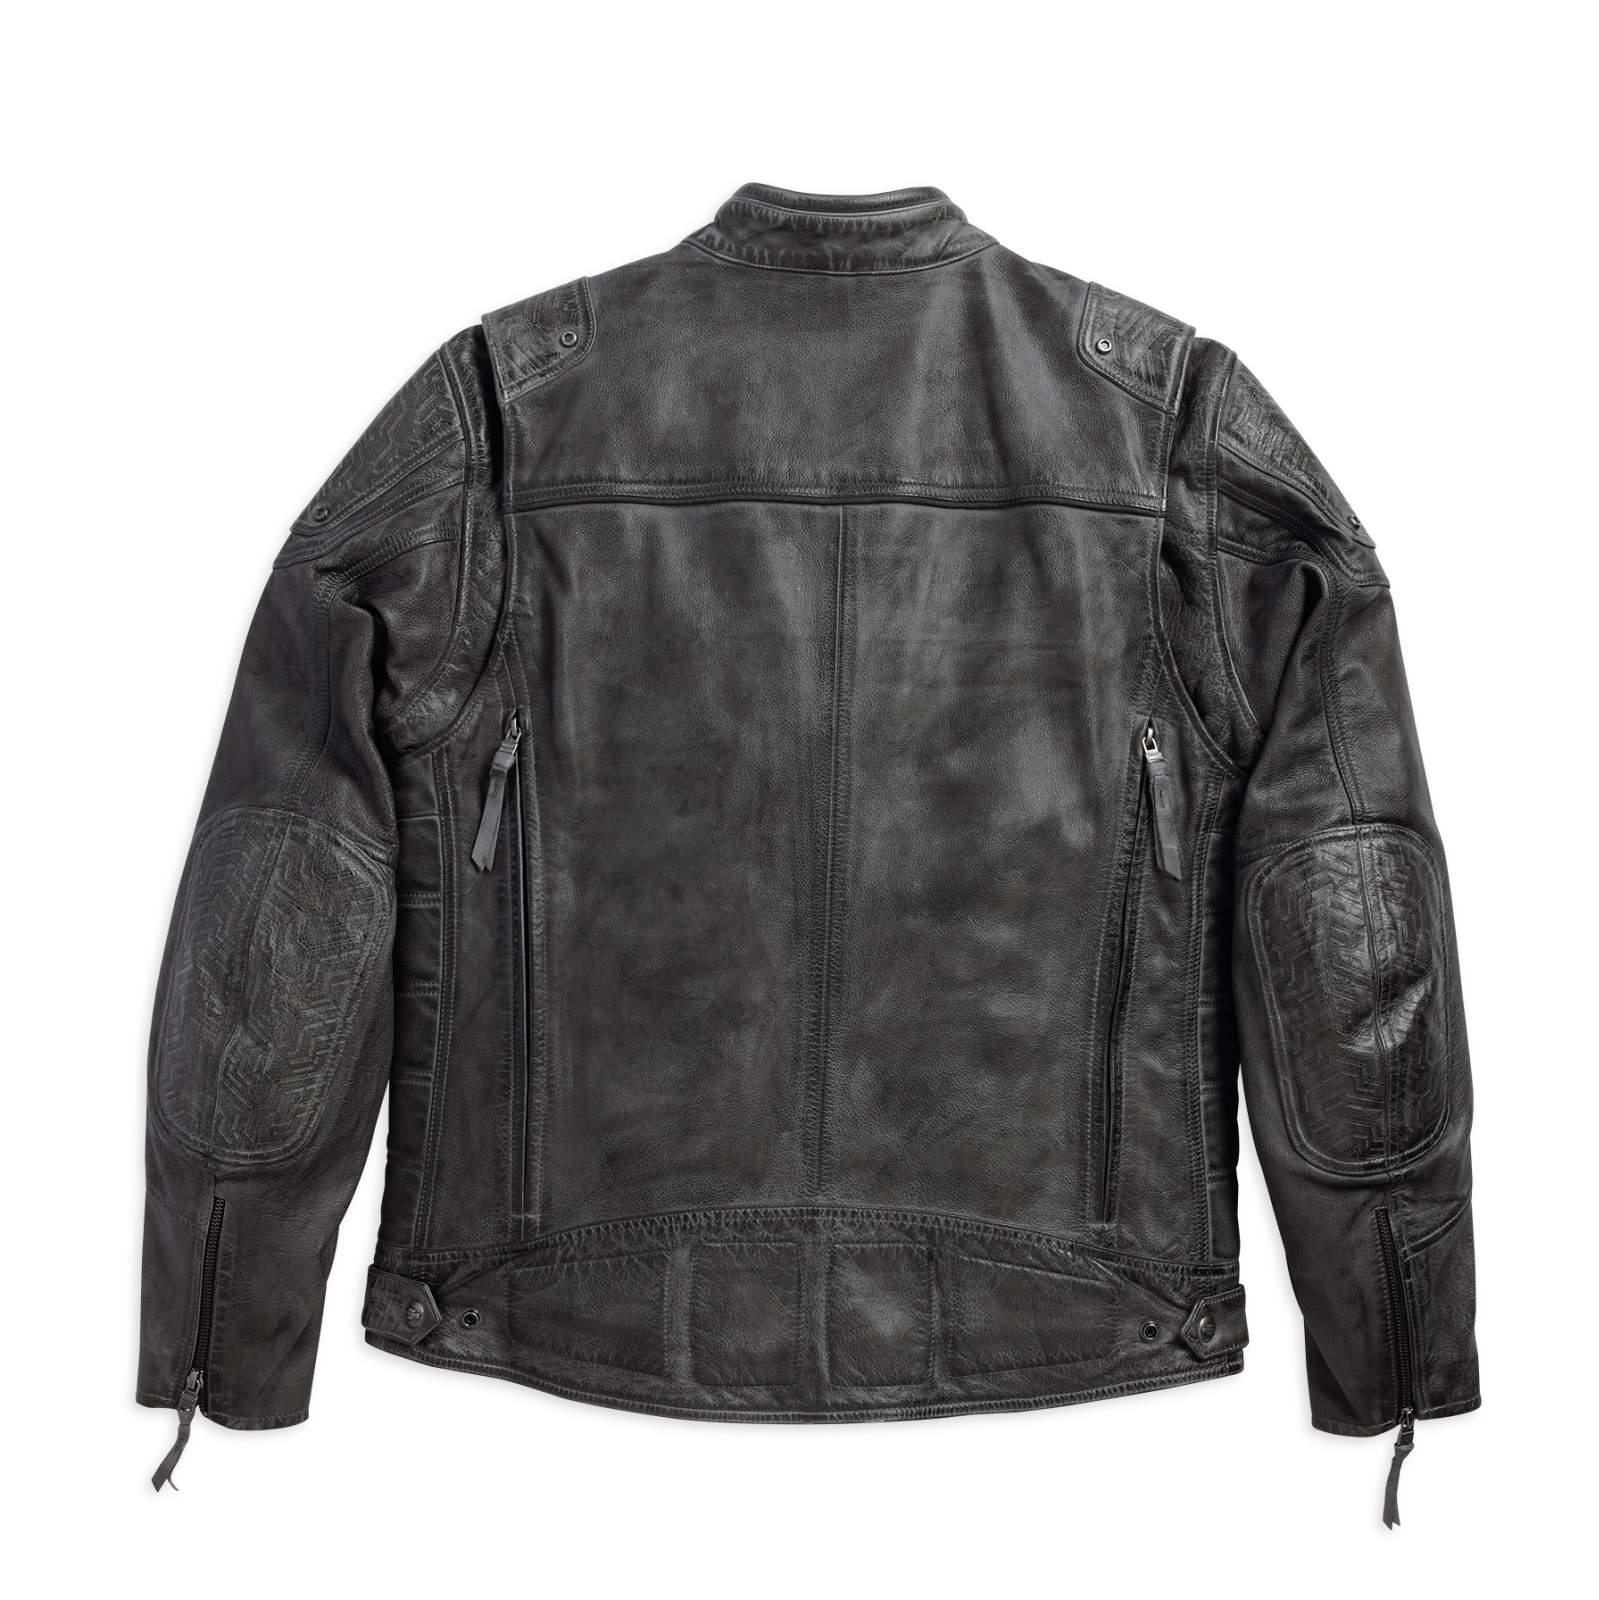 97105 16vm harley davidson lederjacke carboy im thunderbike shop. Black Bedroom Furniture Sets. Home Design Ideas